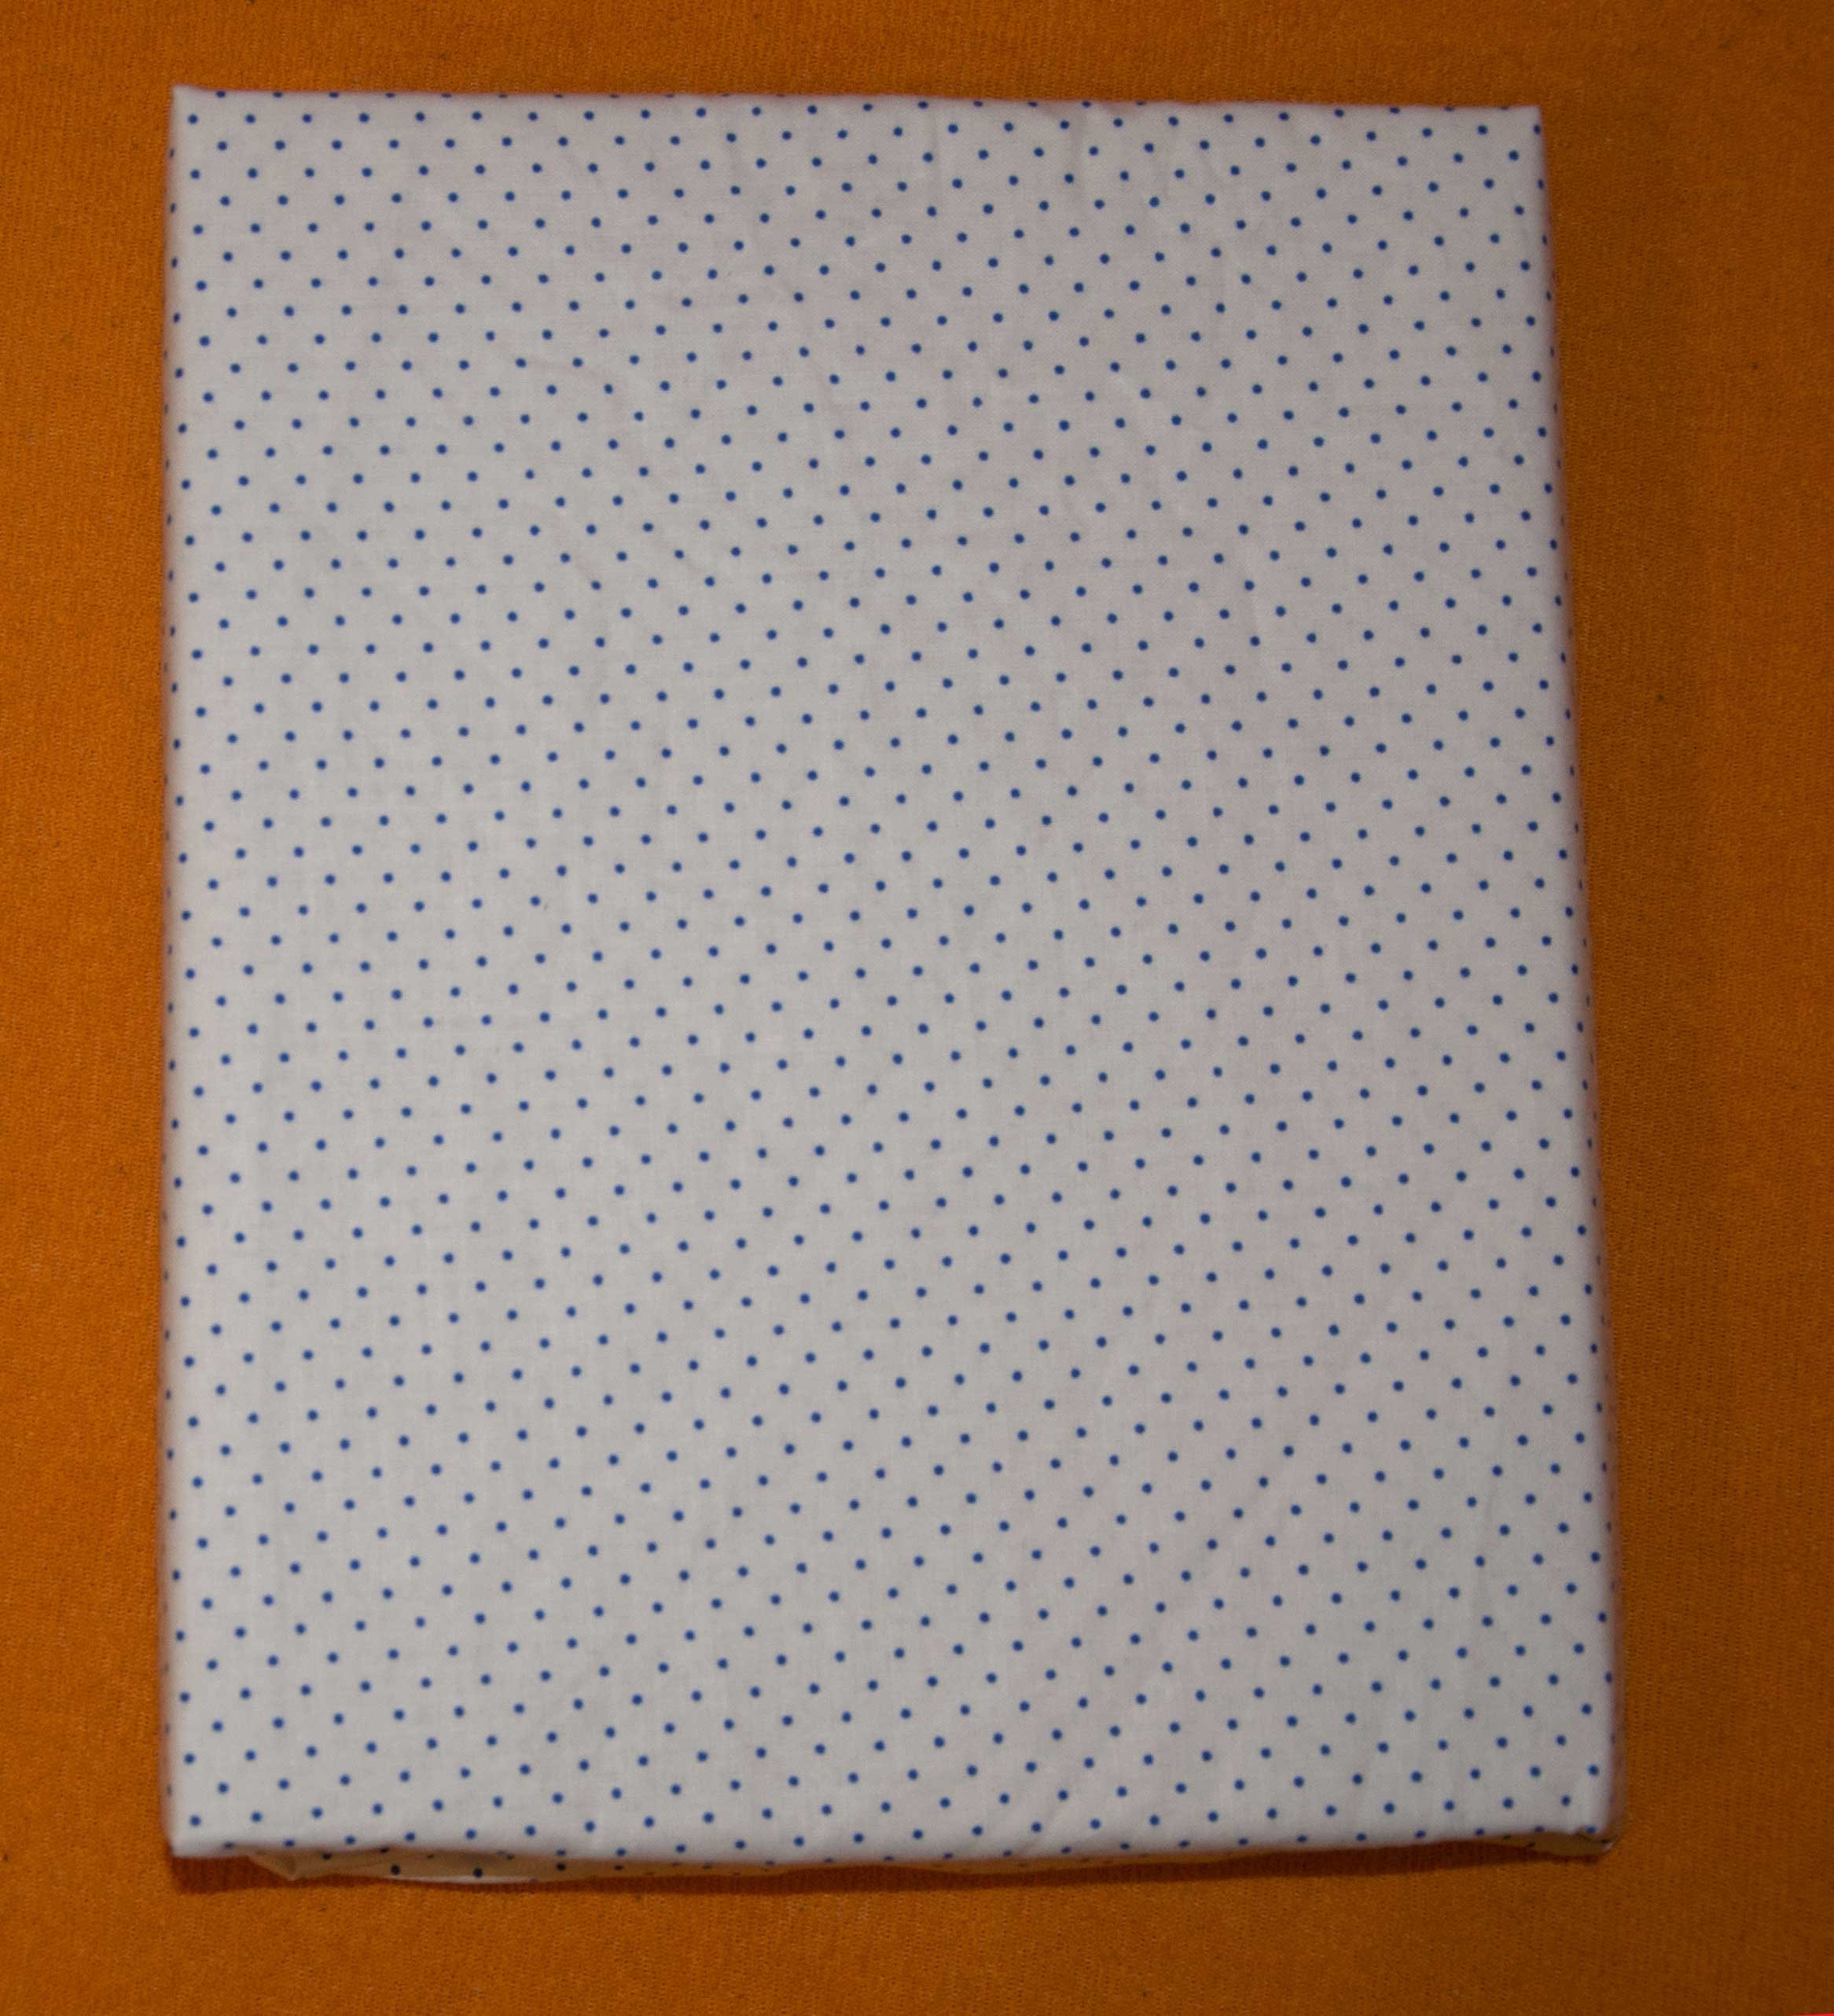 Bavlnìné prostìradlo 120x60 cm bílé s modrými menšími puntíky - zvìtšit obrázek